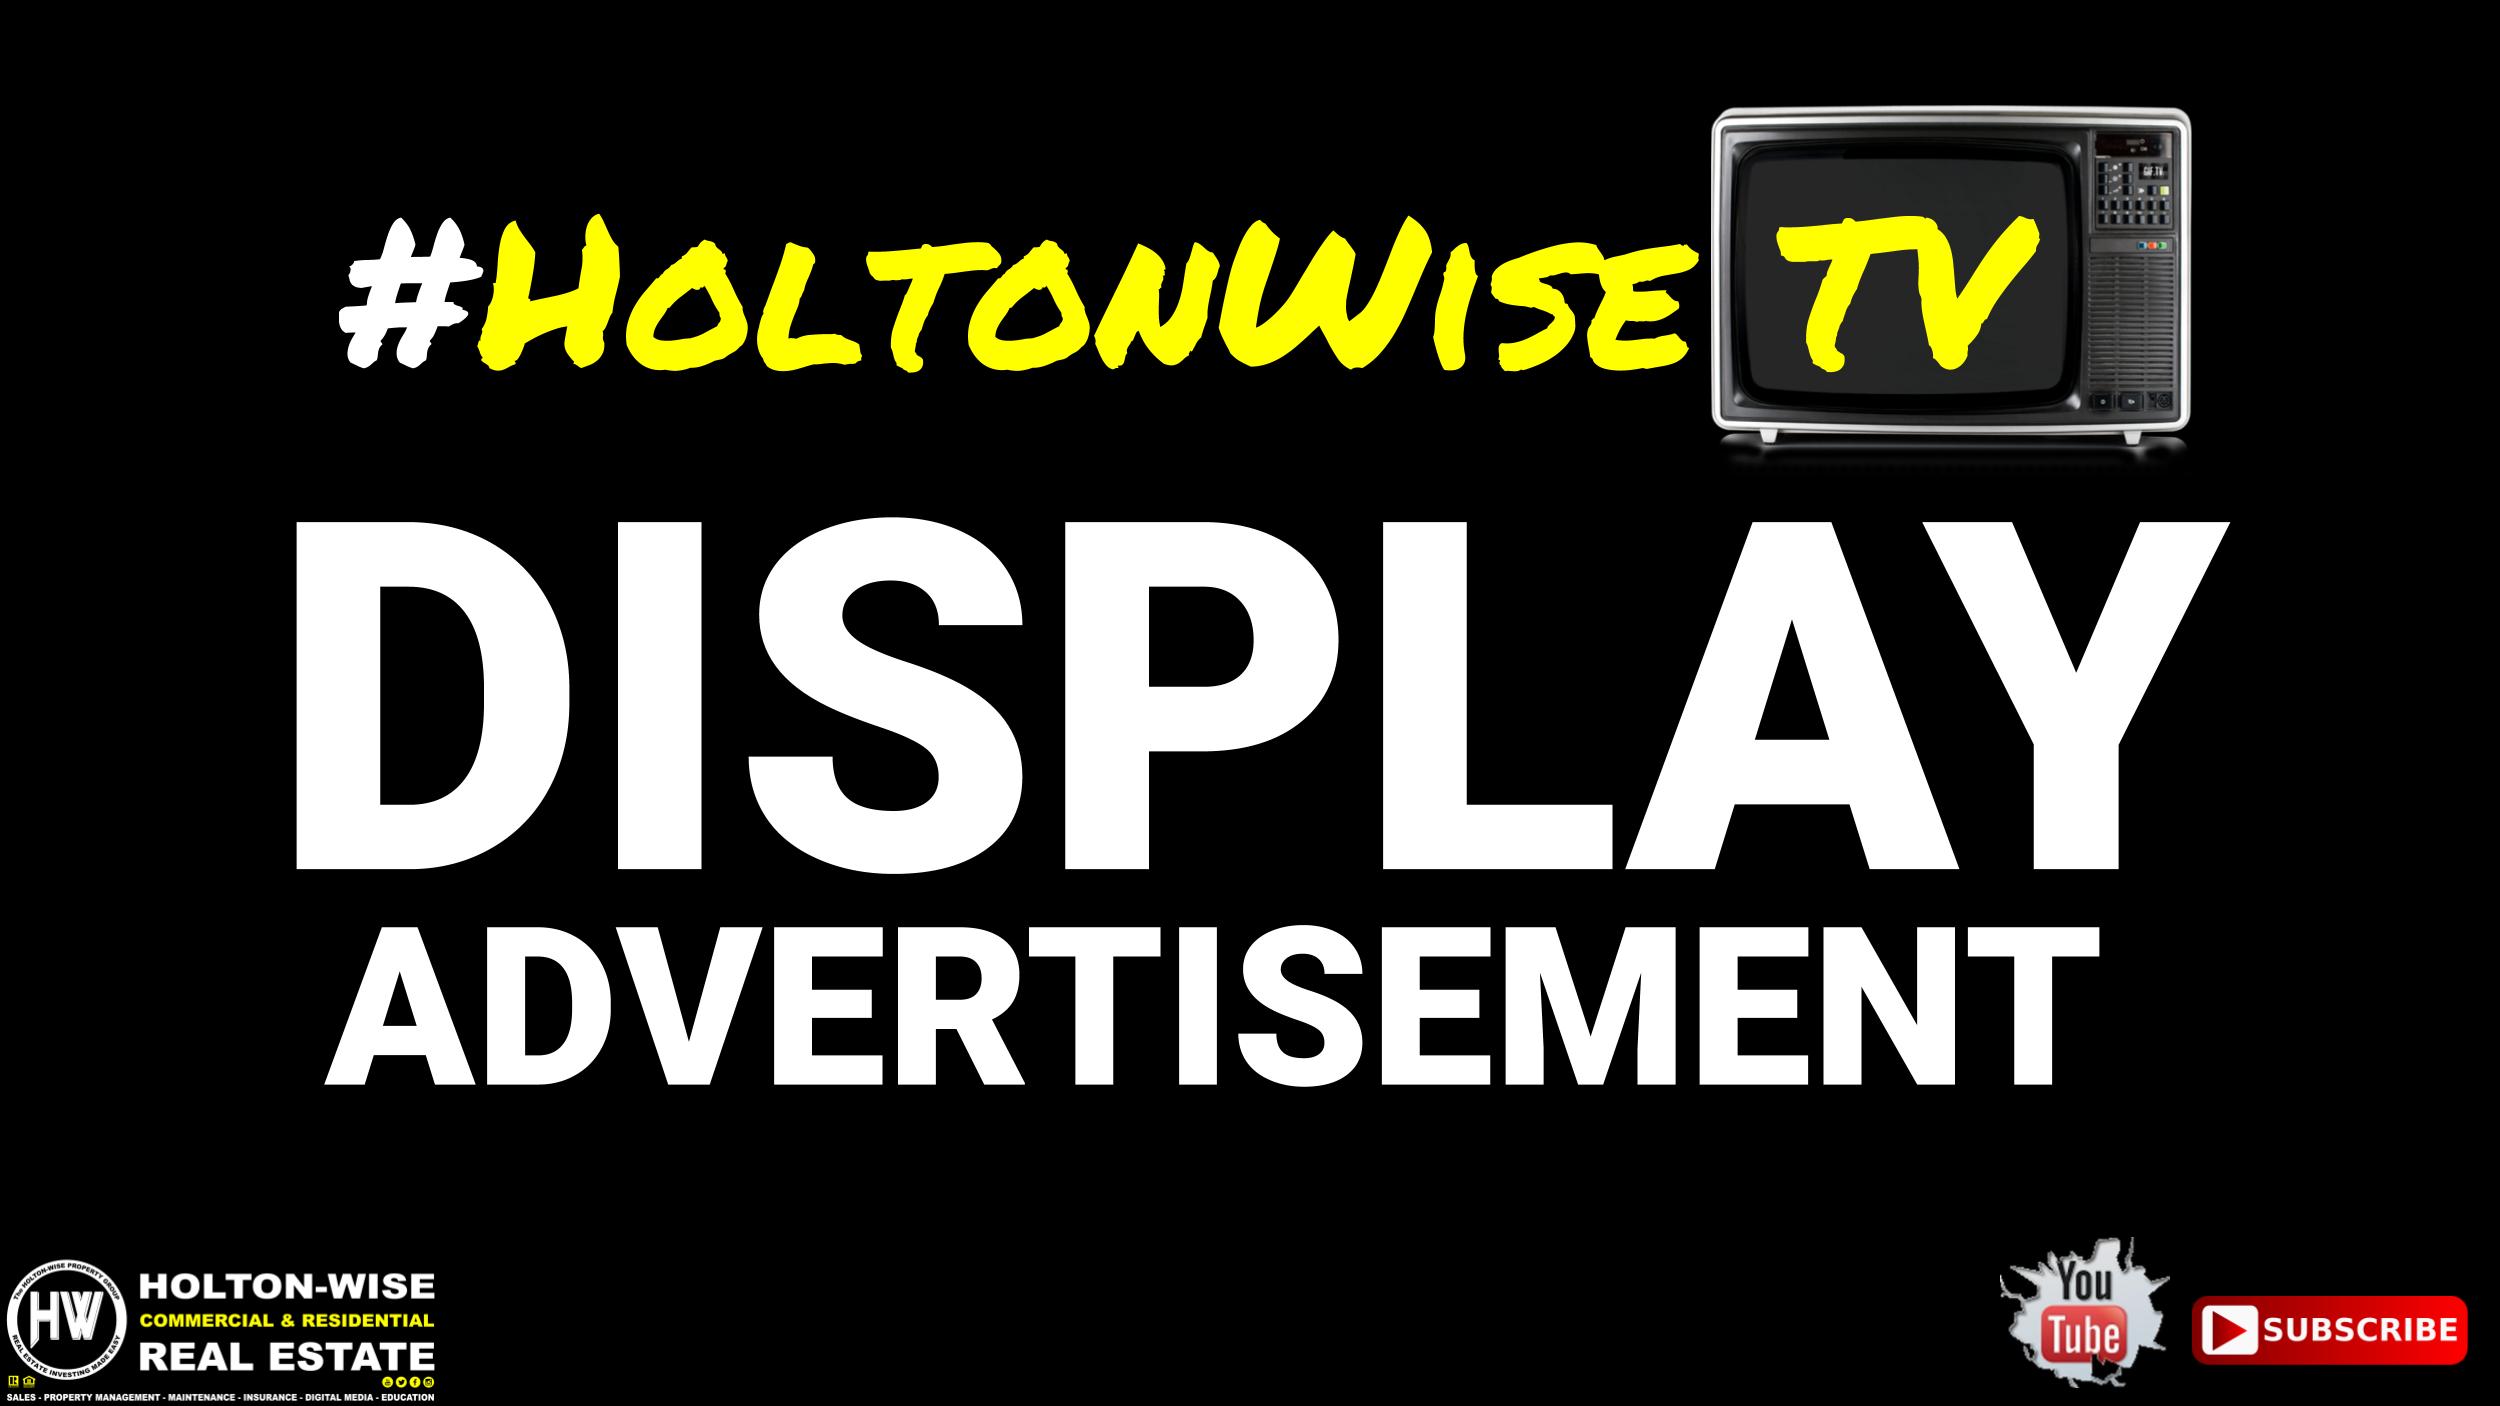 Display Advertisement Package